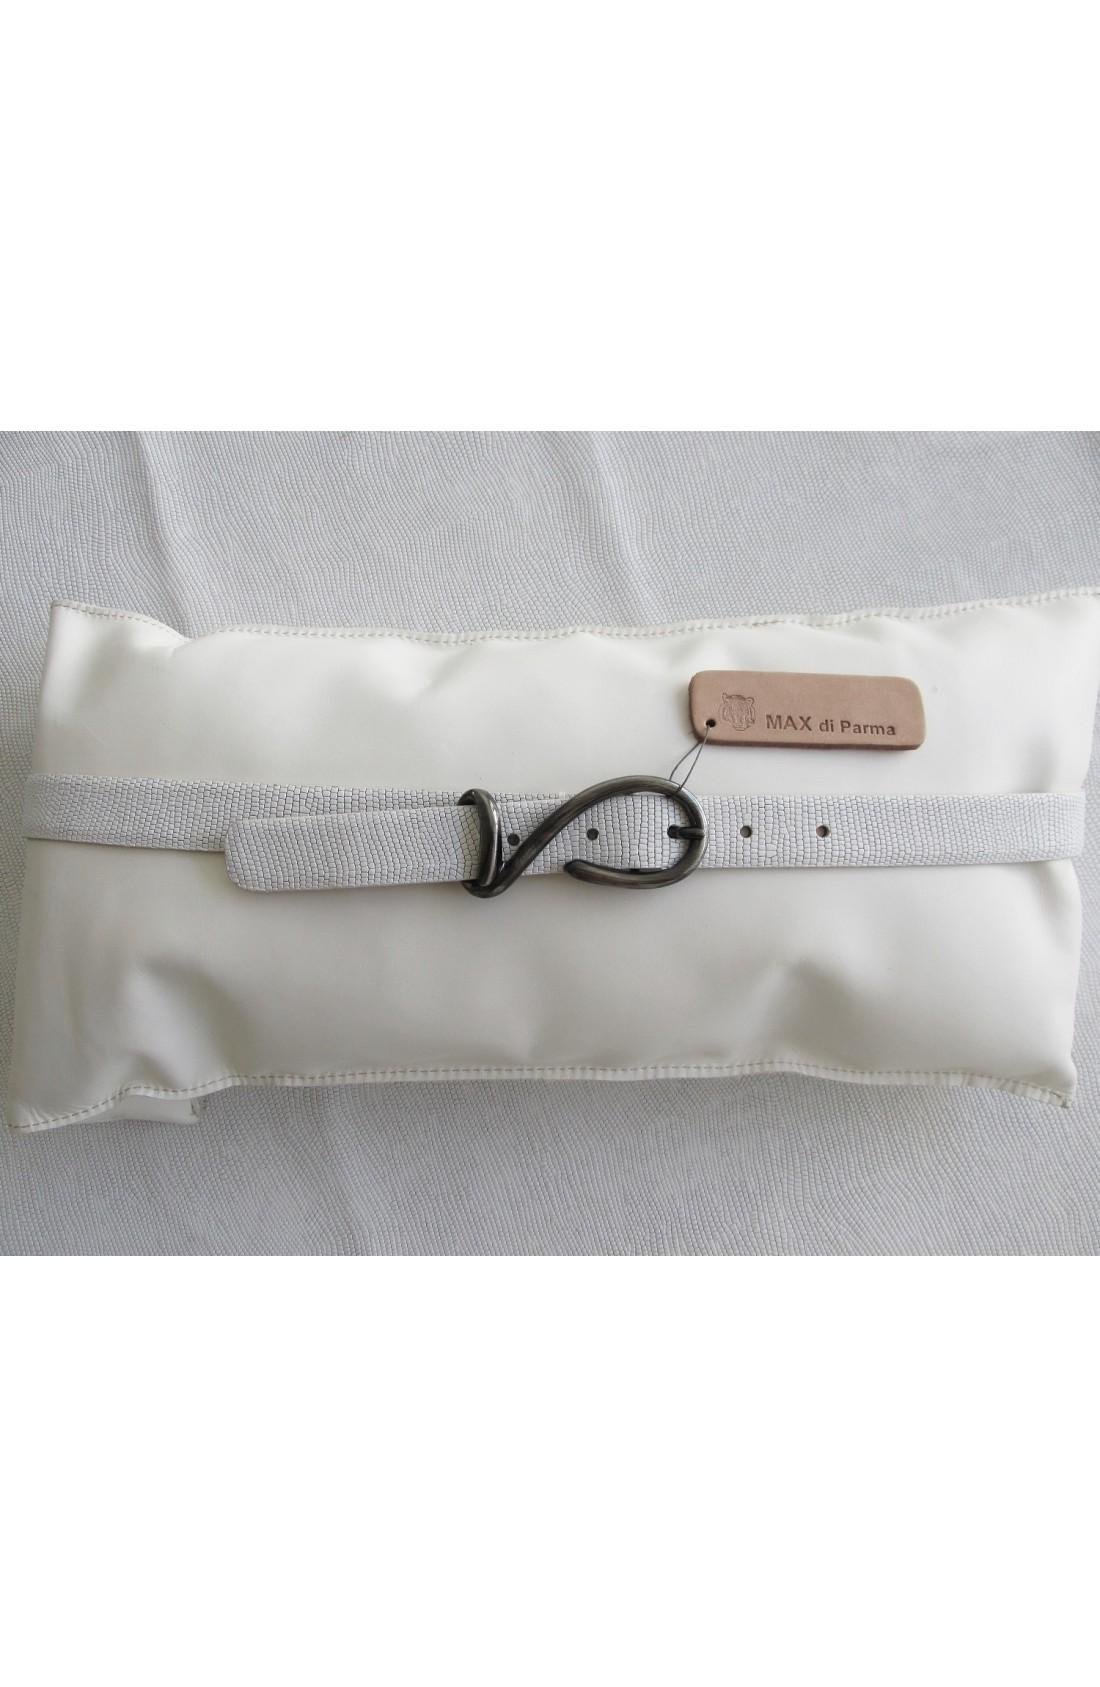 CINTURA DONNA art. 531 LUCERTOLA CUT mezzo vitello con intagli mm.25 var.0 bianco FIbbia Speciale H 35 mm.25 canna fucile satinato free (3)